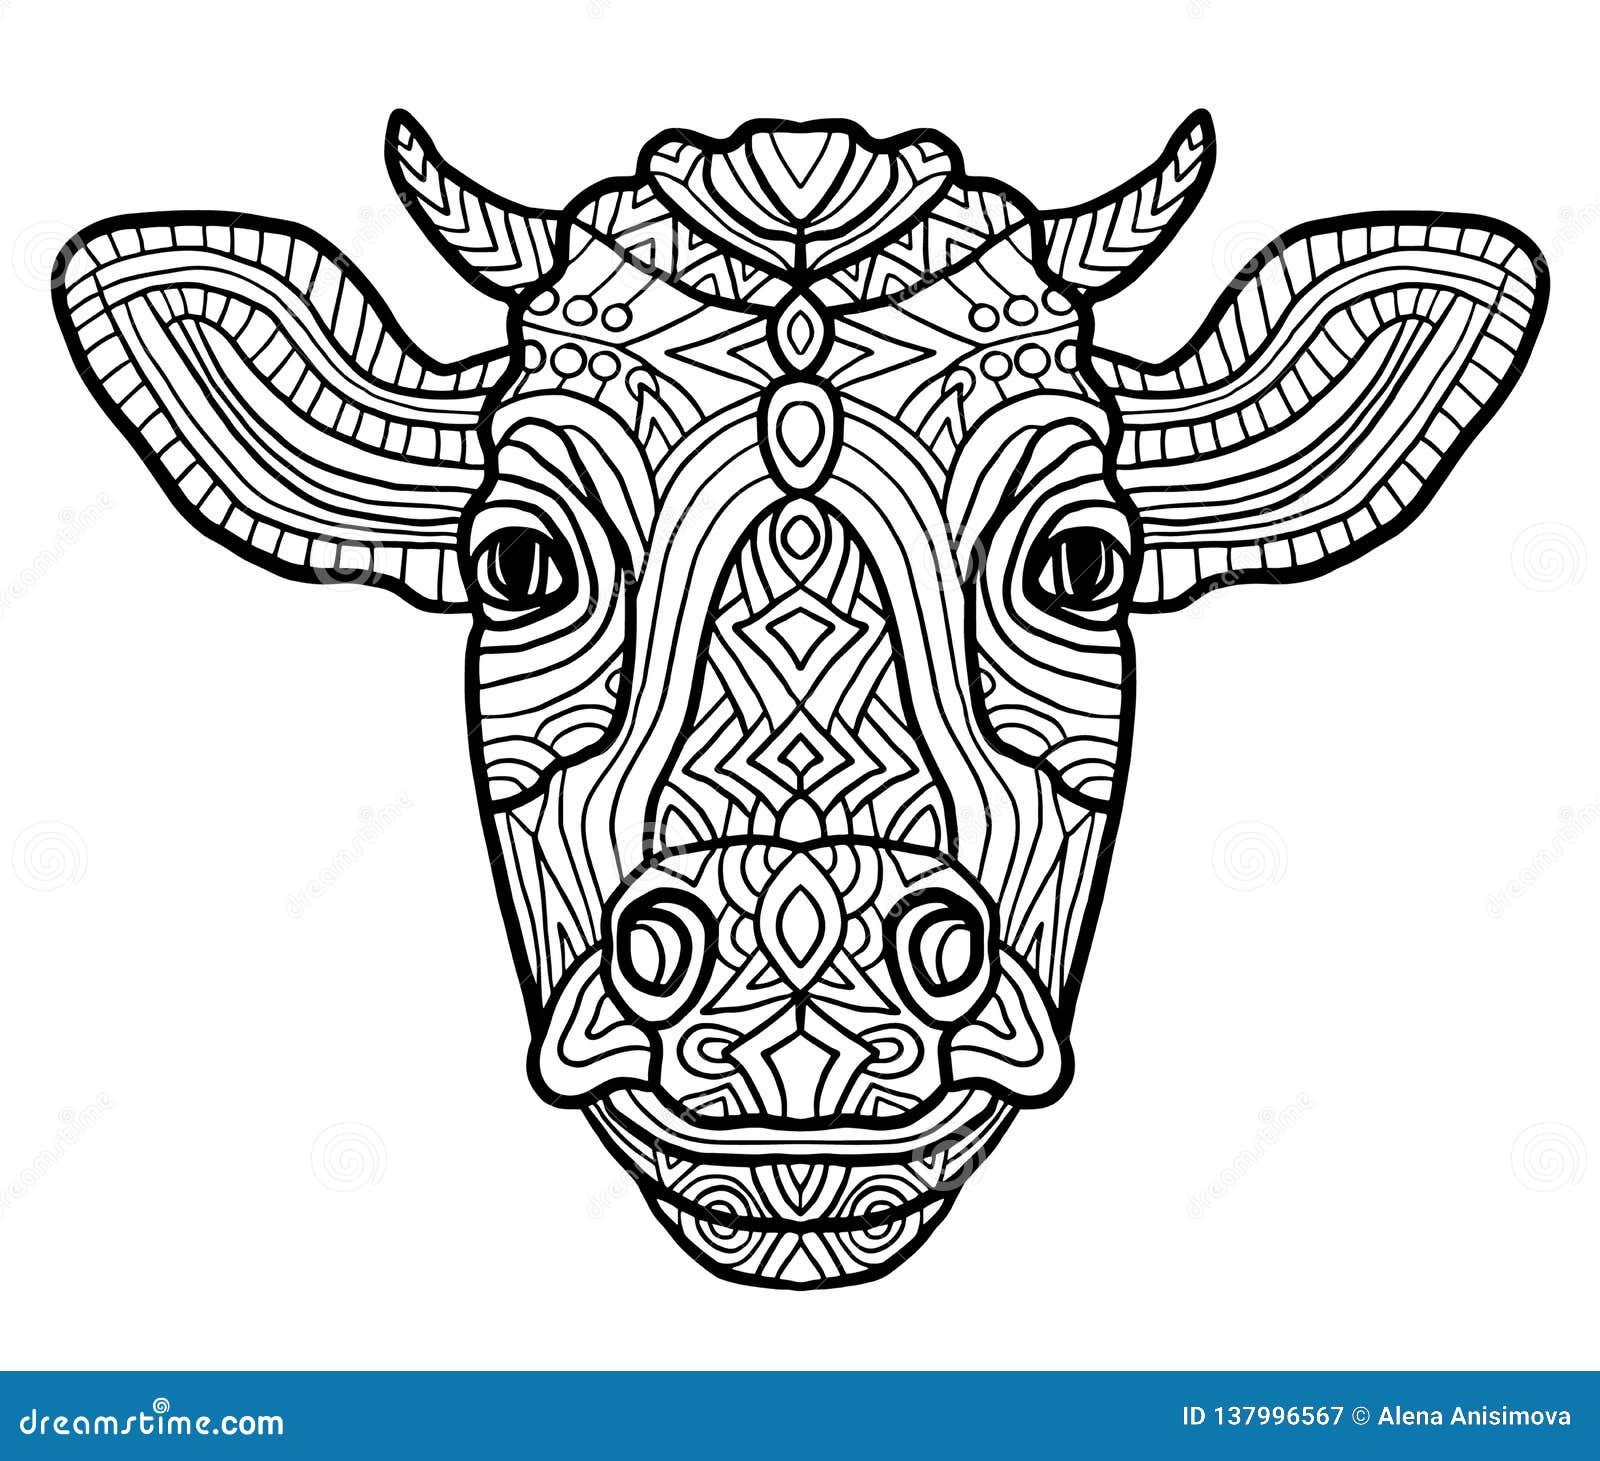 Vaca Colorindo Adulta Da Pagina Estilo Da Arte Do Zen Ternos